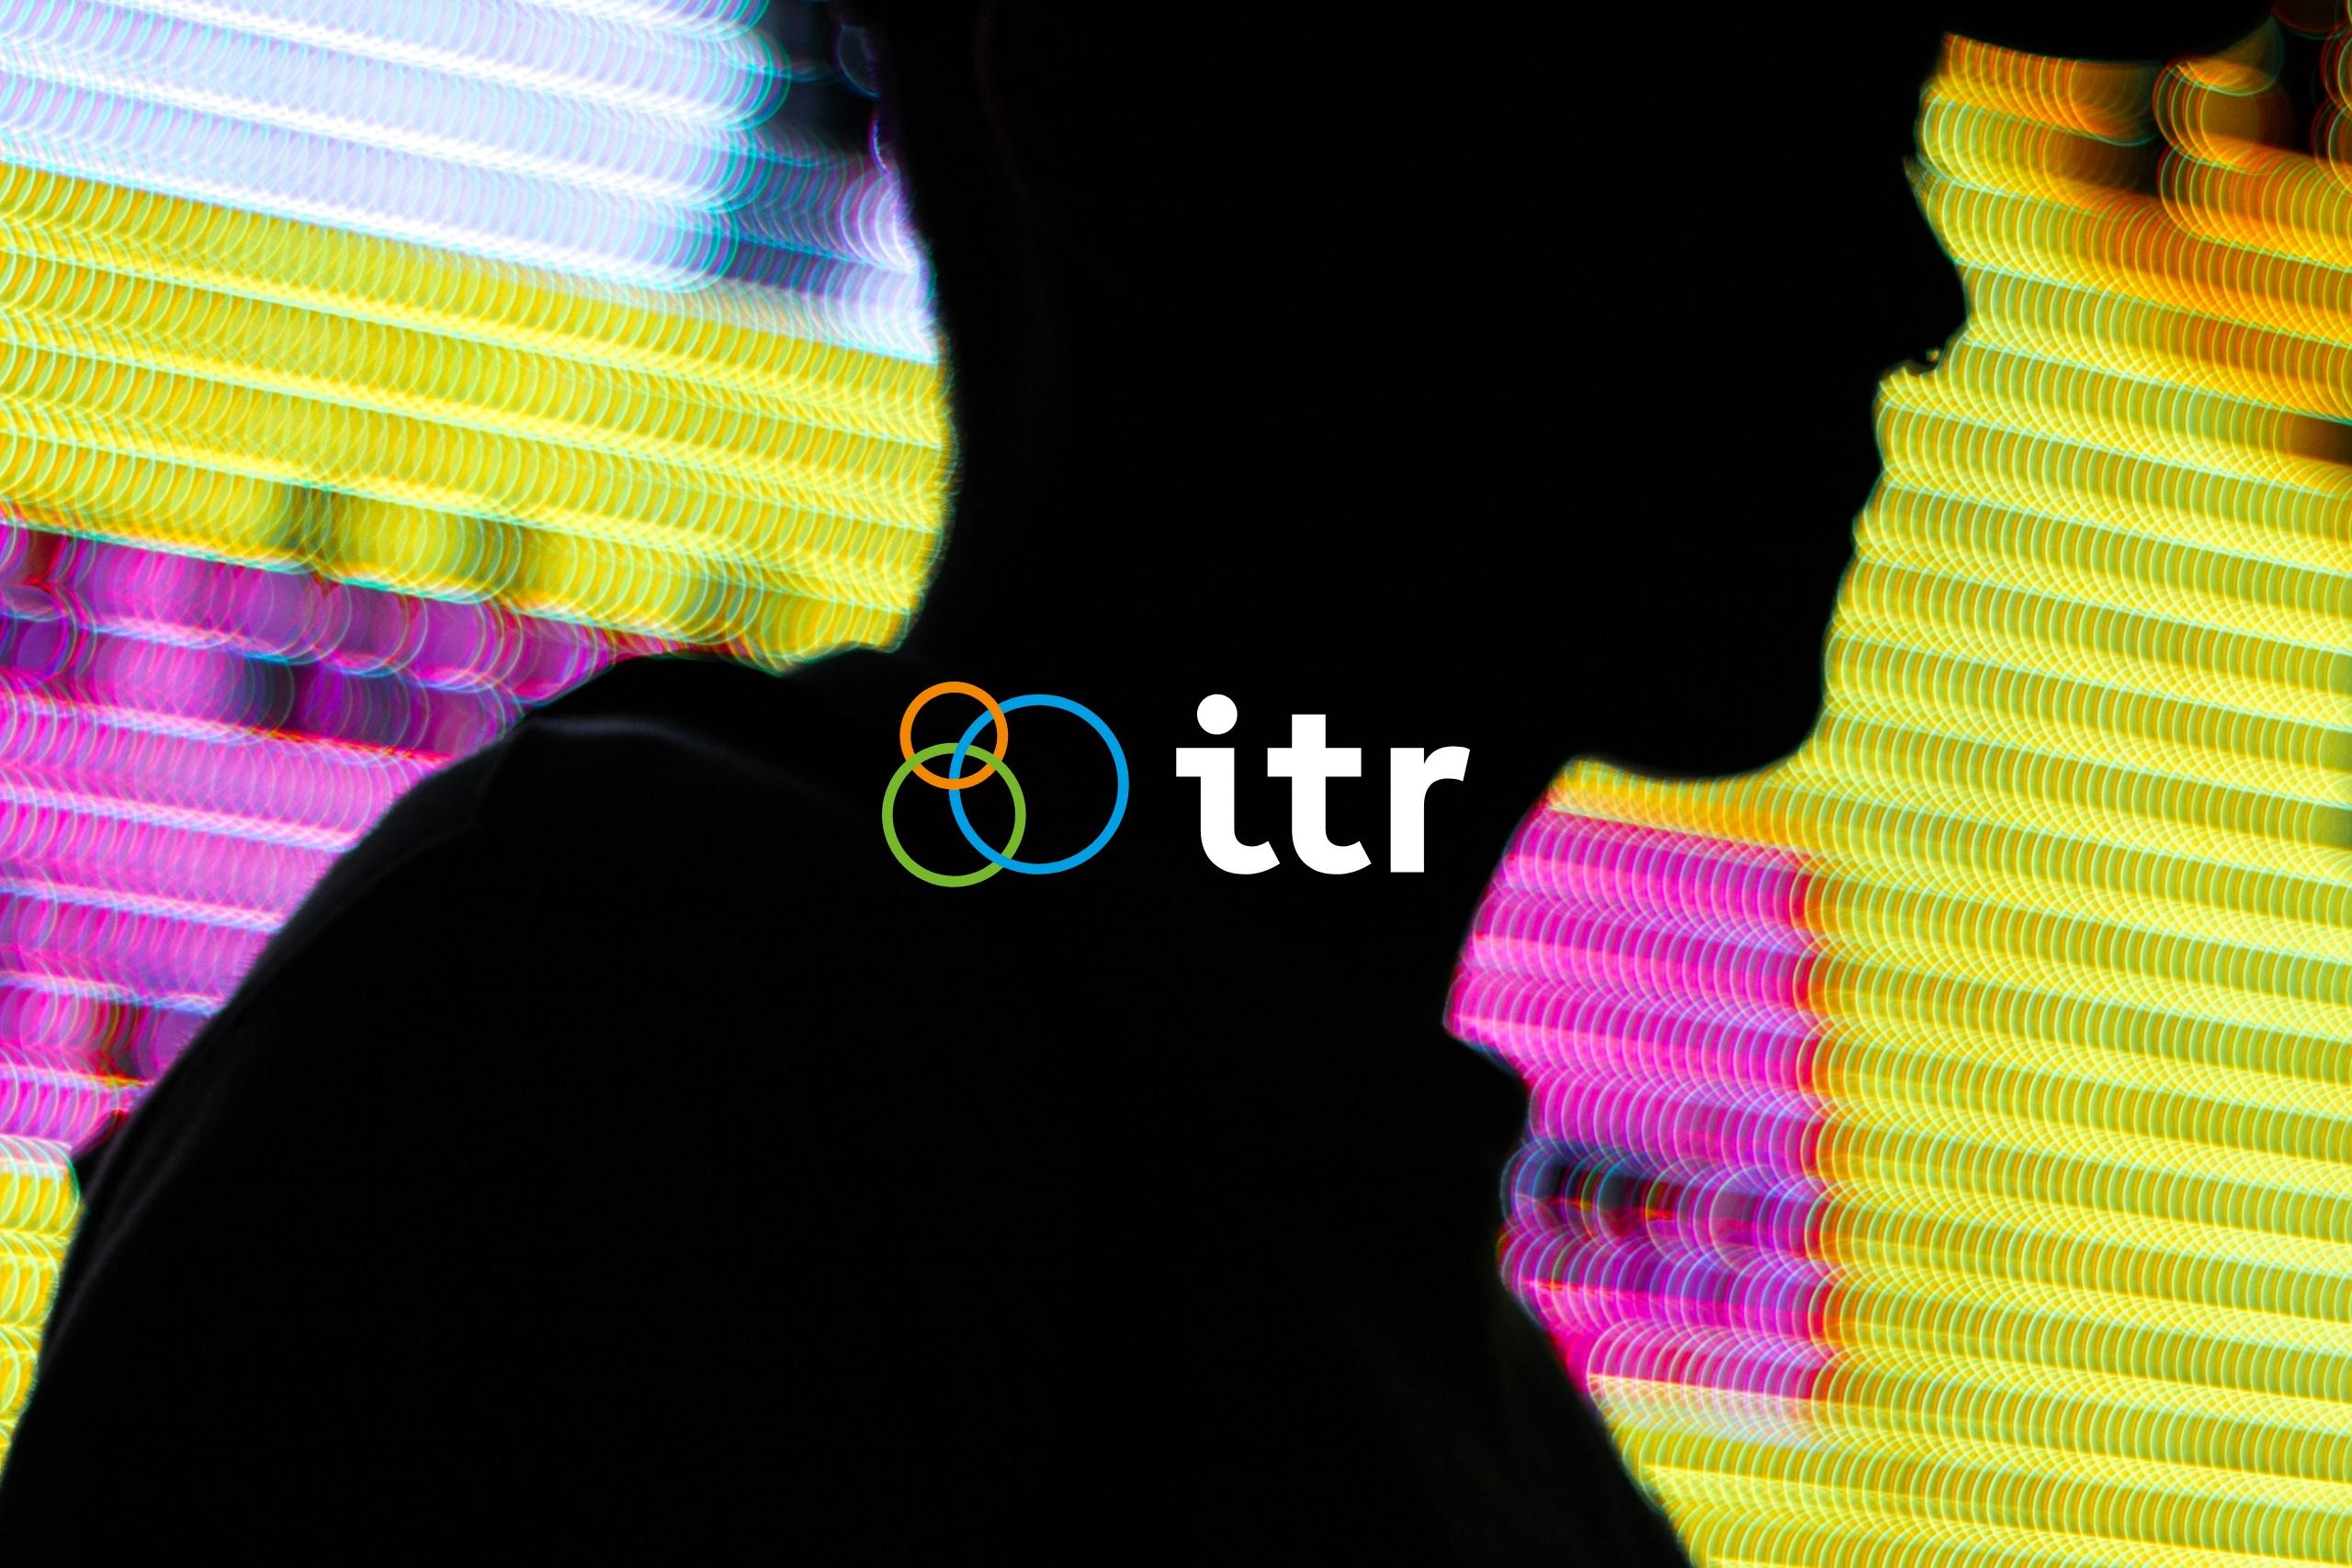 ITR logo design